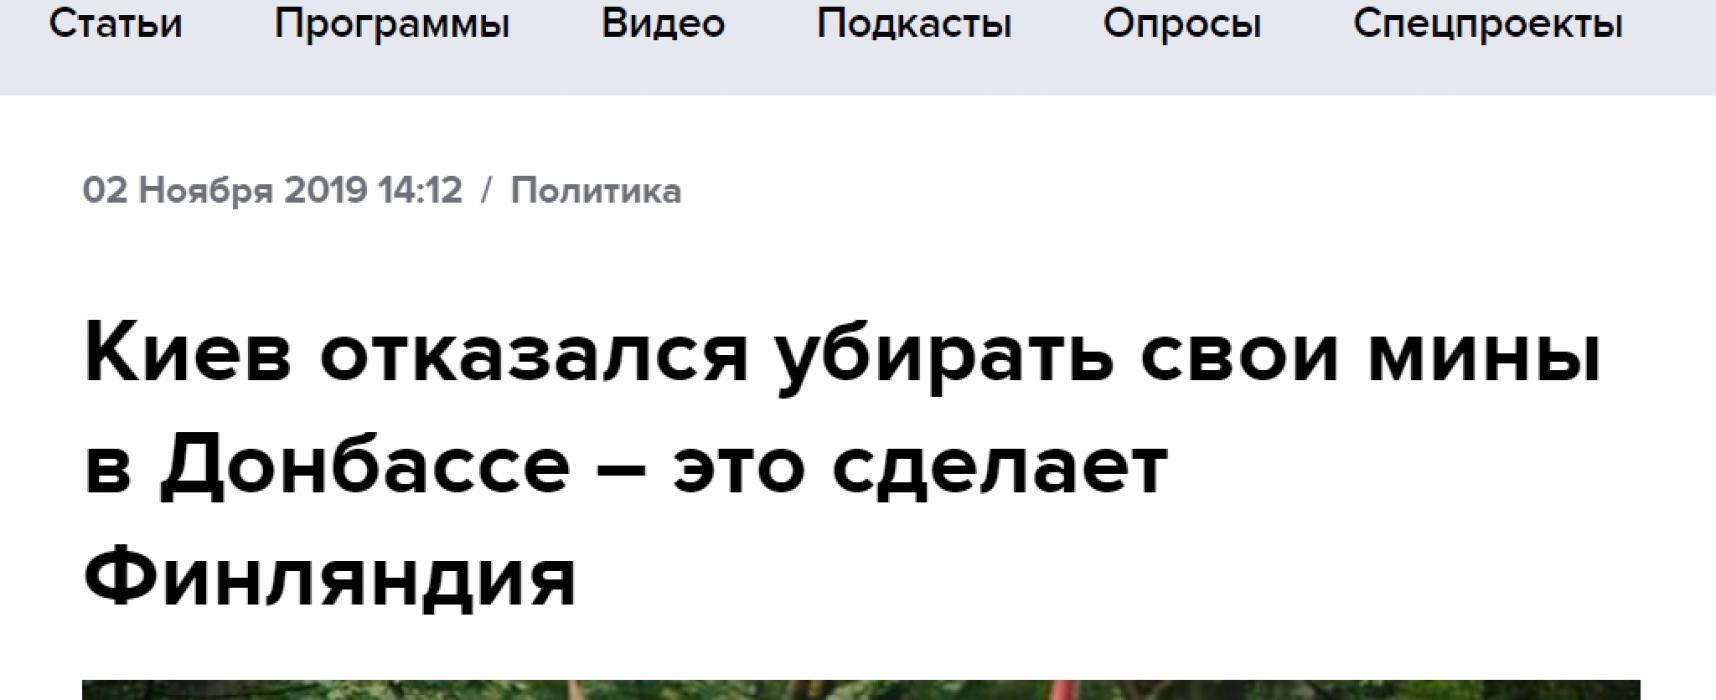 Falso: Ucrania no quiere retirar sus minas del Donbás, lo hará Finlandia